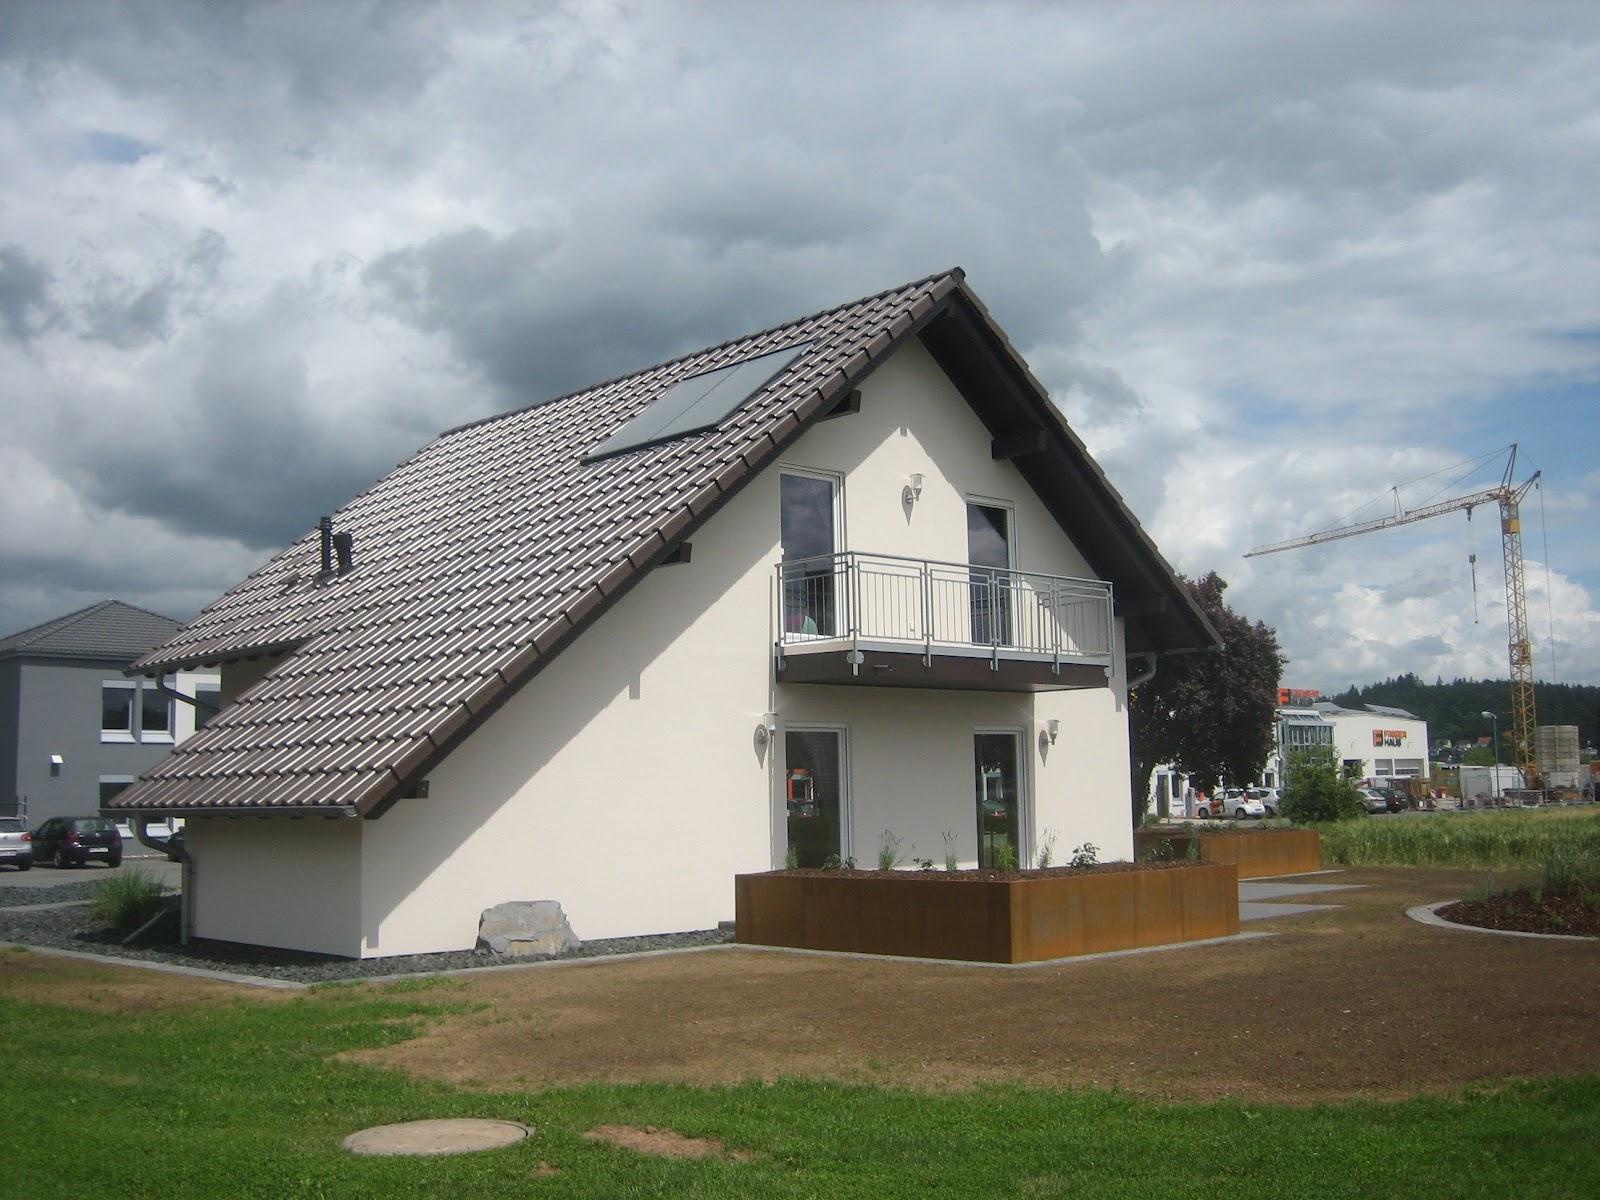 Fingerhaus vio 400  Unser Vio 400 mit Wintergarten in Oberopfingen